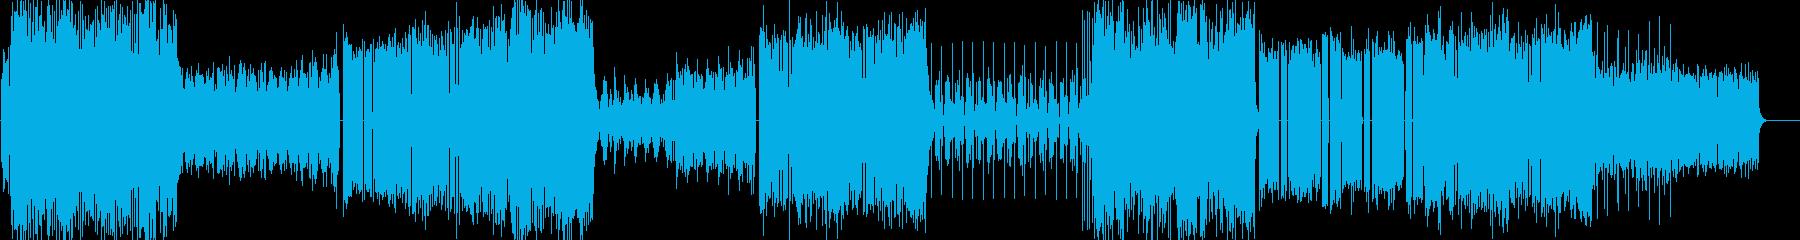 キラキラでフューチャーベース風なポップスの再生済みの波形